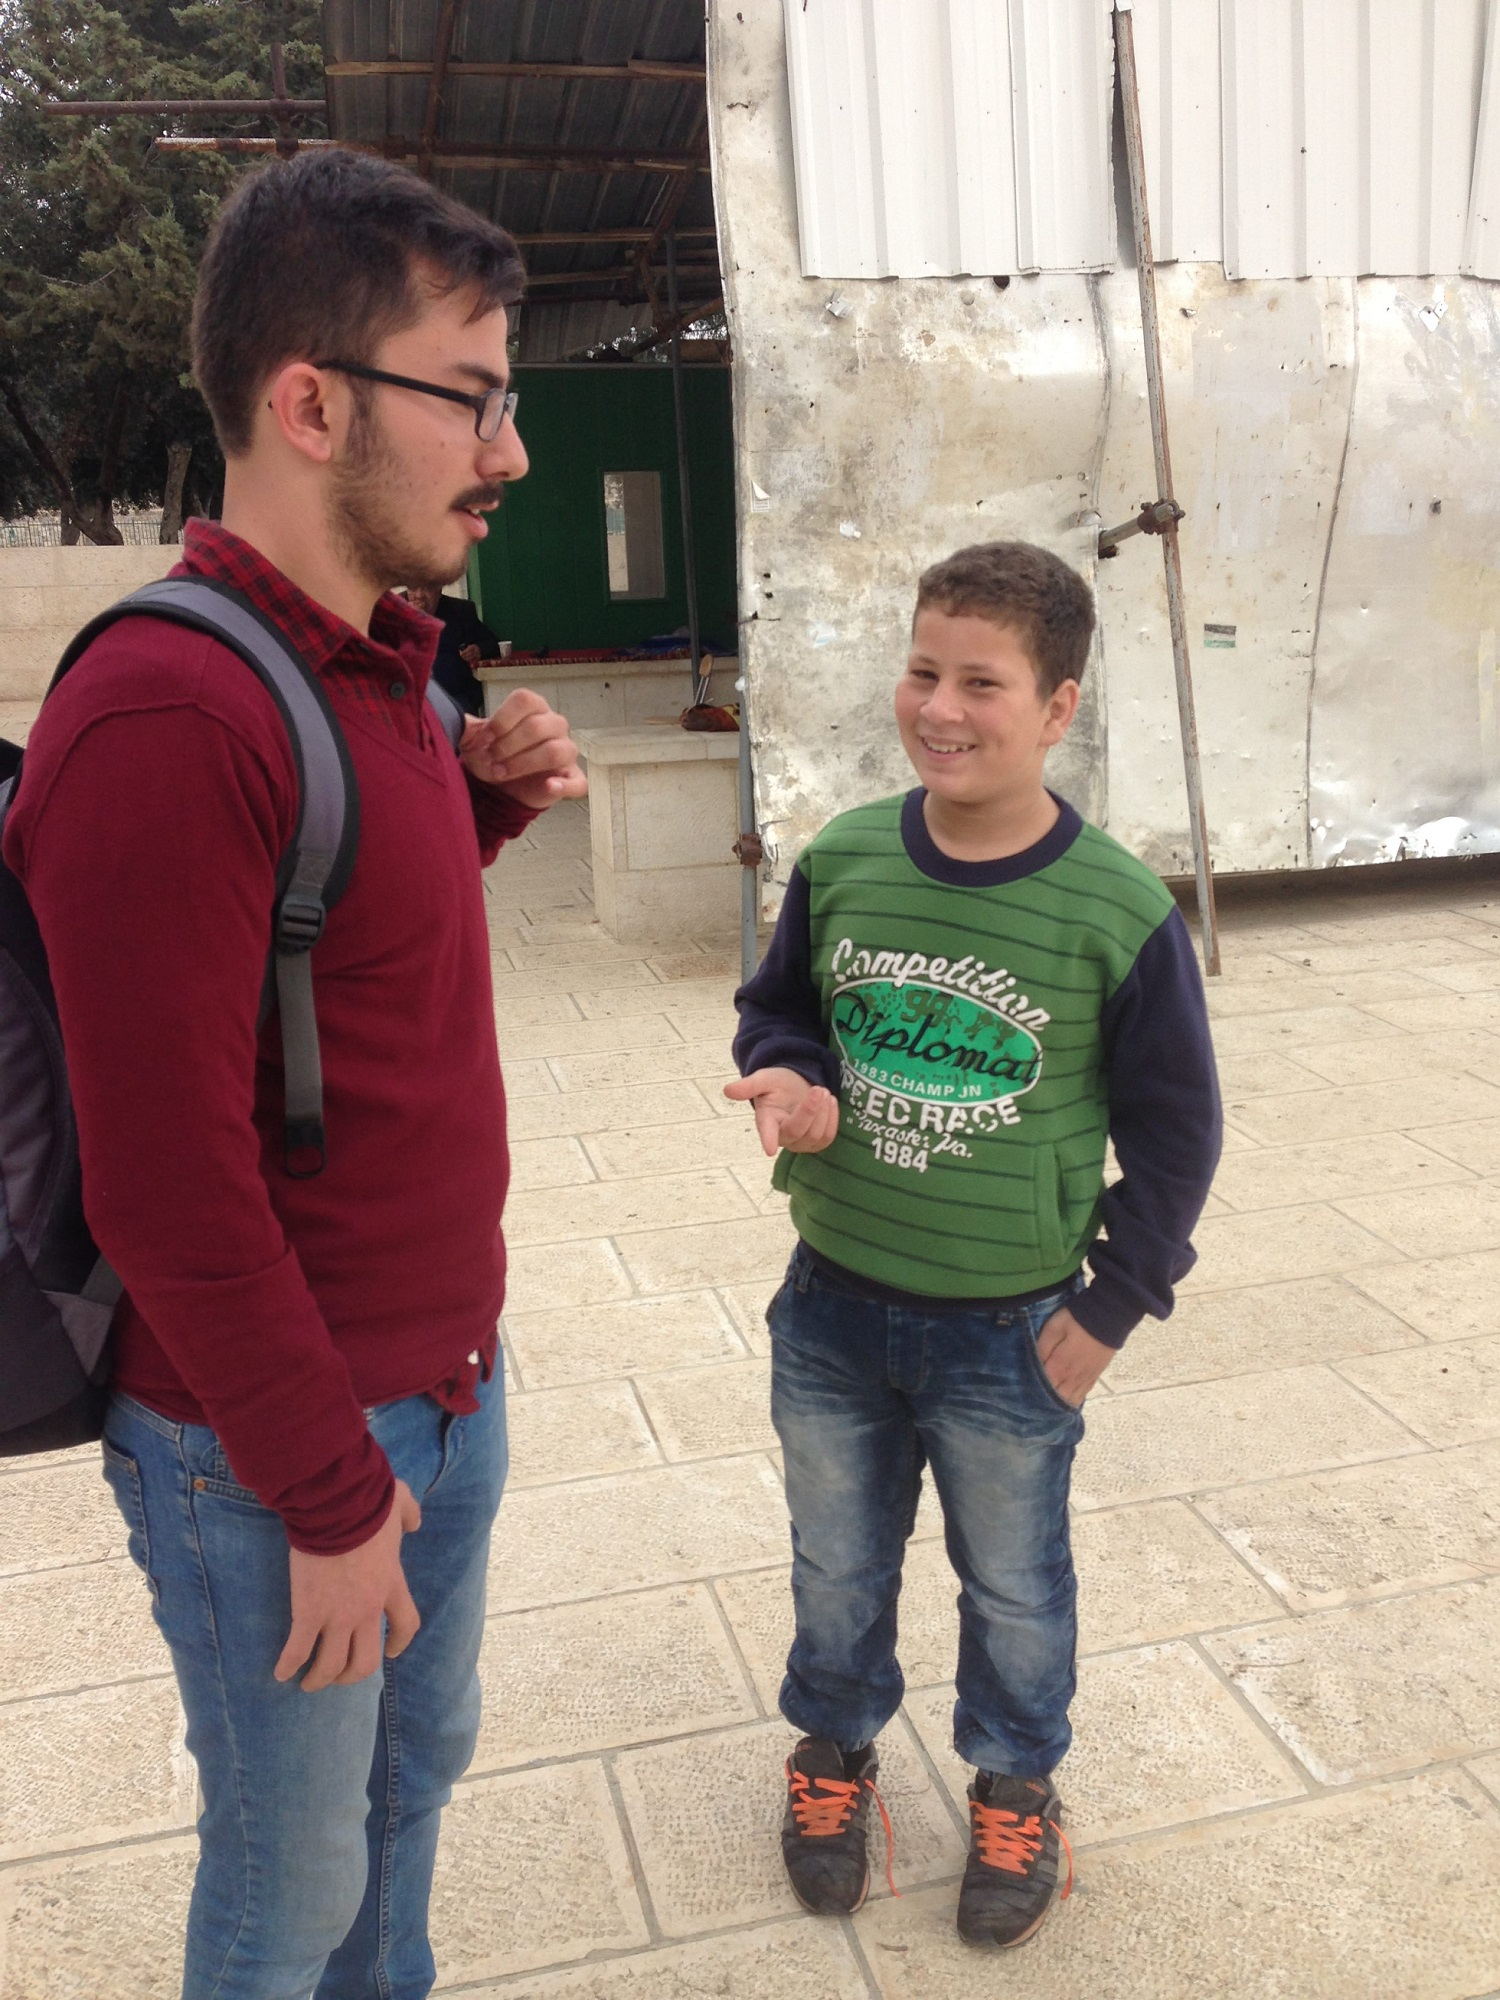 Kudüs Gezisi - Tunç ile İshak İslam'ın Şartları Üzerine İstişare Ederken